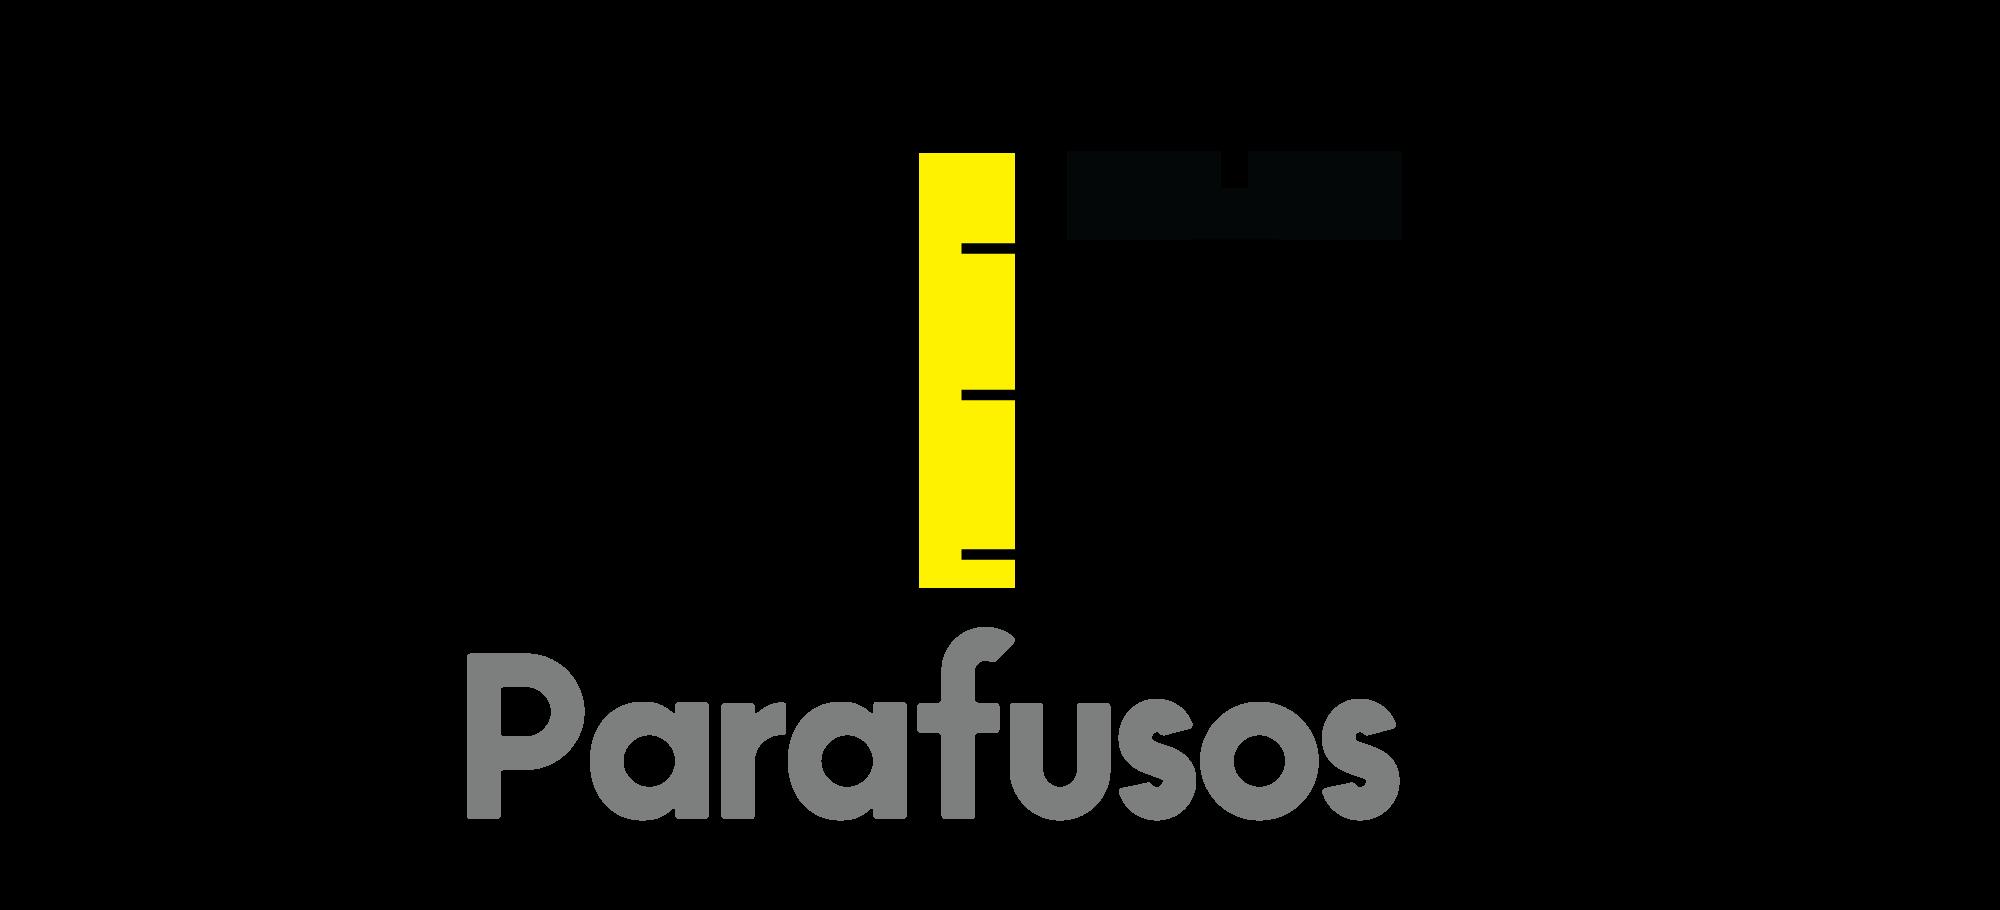 Kit Parafusos